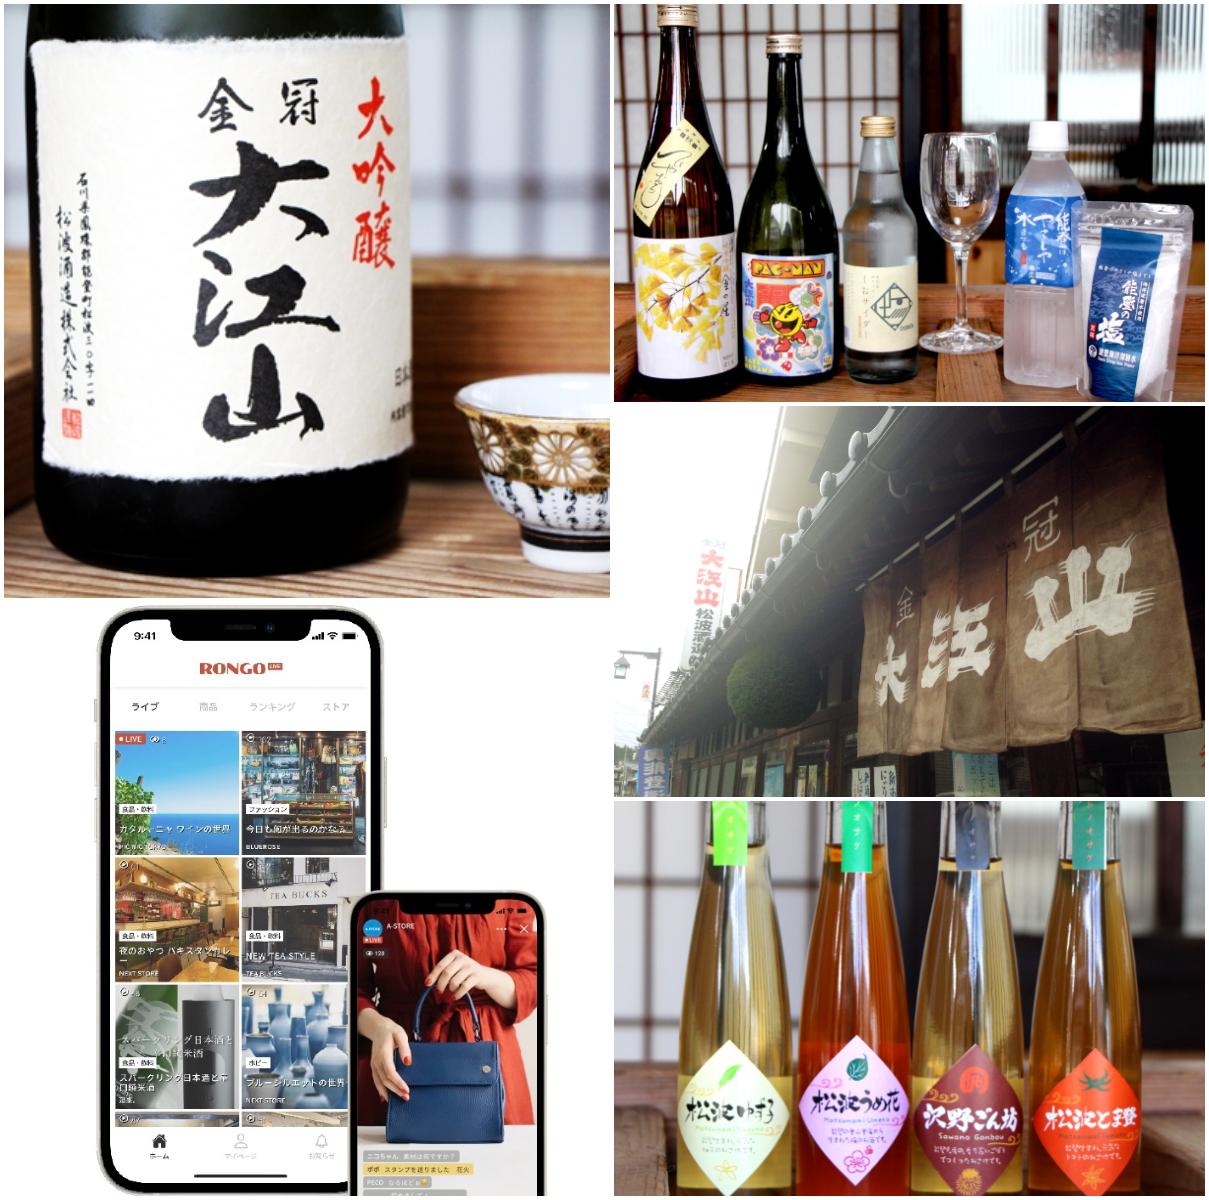 【10/1 配信】ライブコマース「RONGO」に奥能登の酒蔵『松波酒造』が登場!